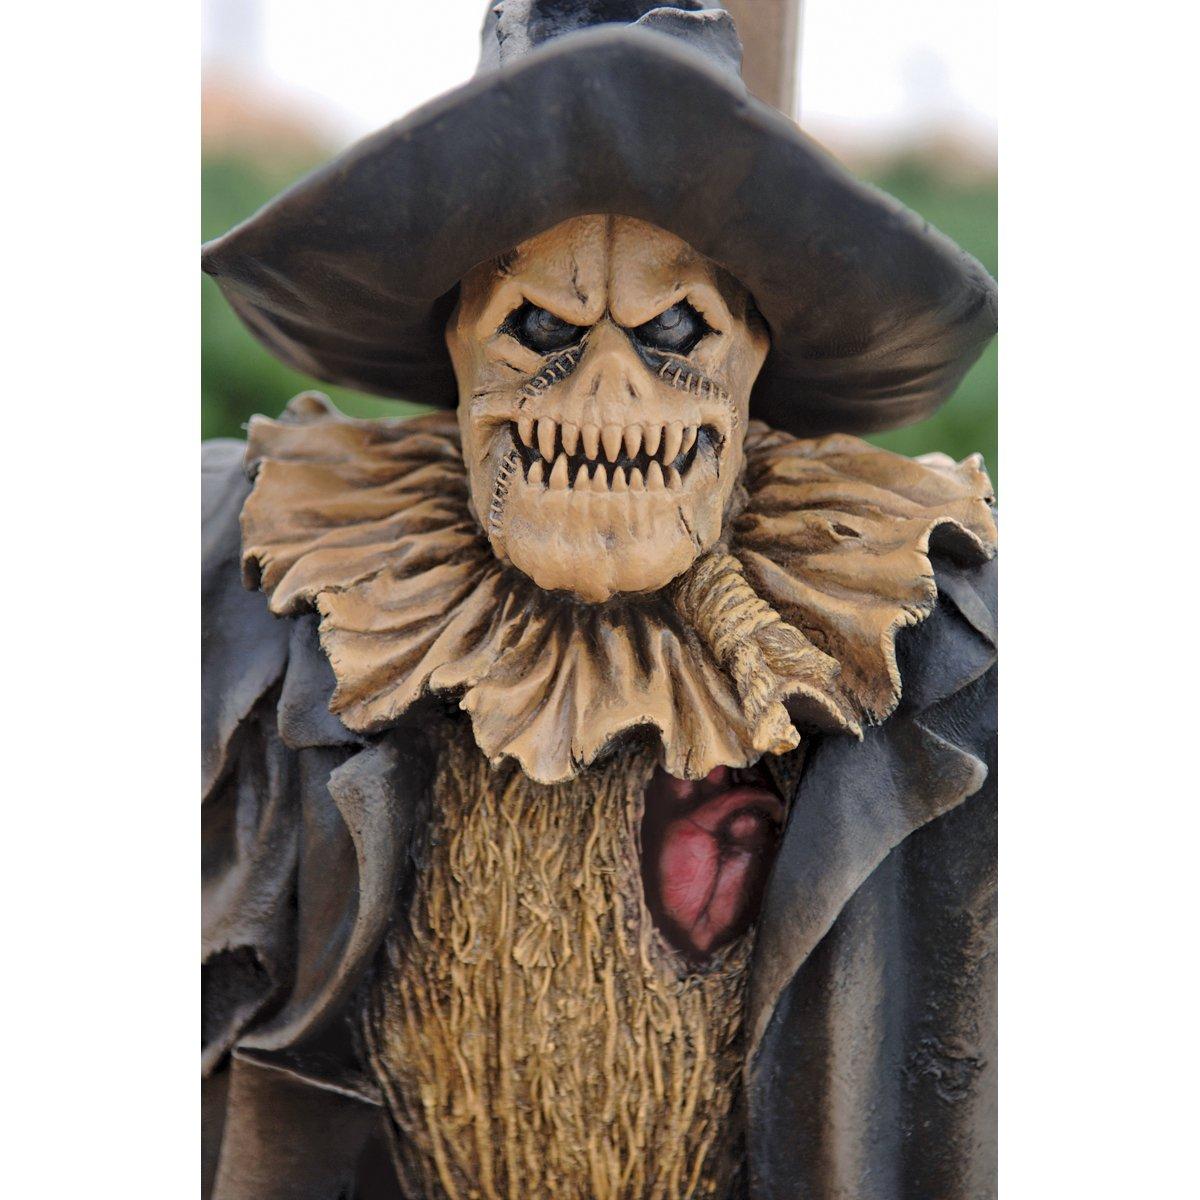 Amazon.com : Harvest of Evil Zombie Scarecrow Garden Statue ...